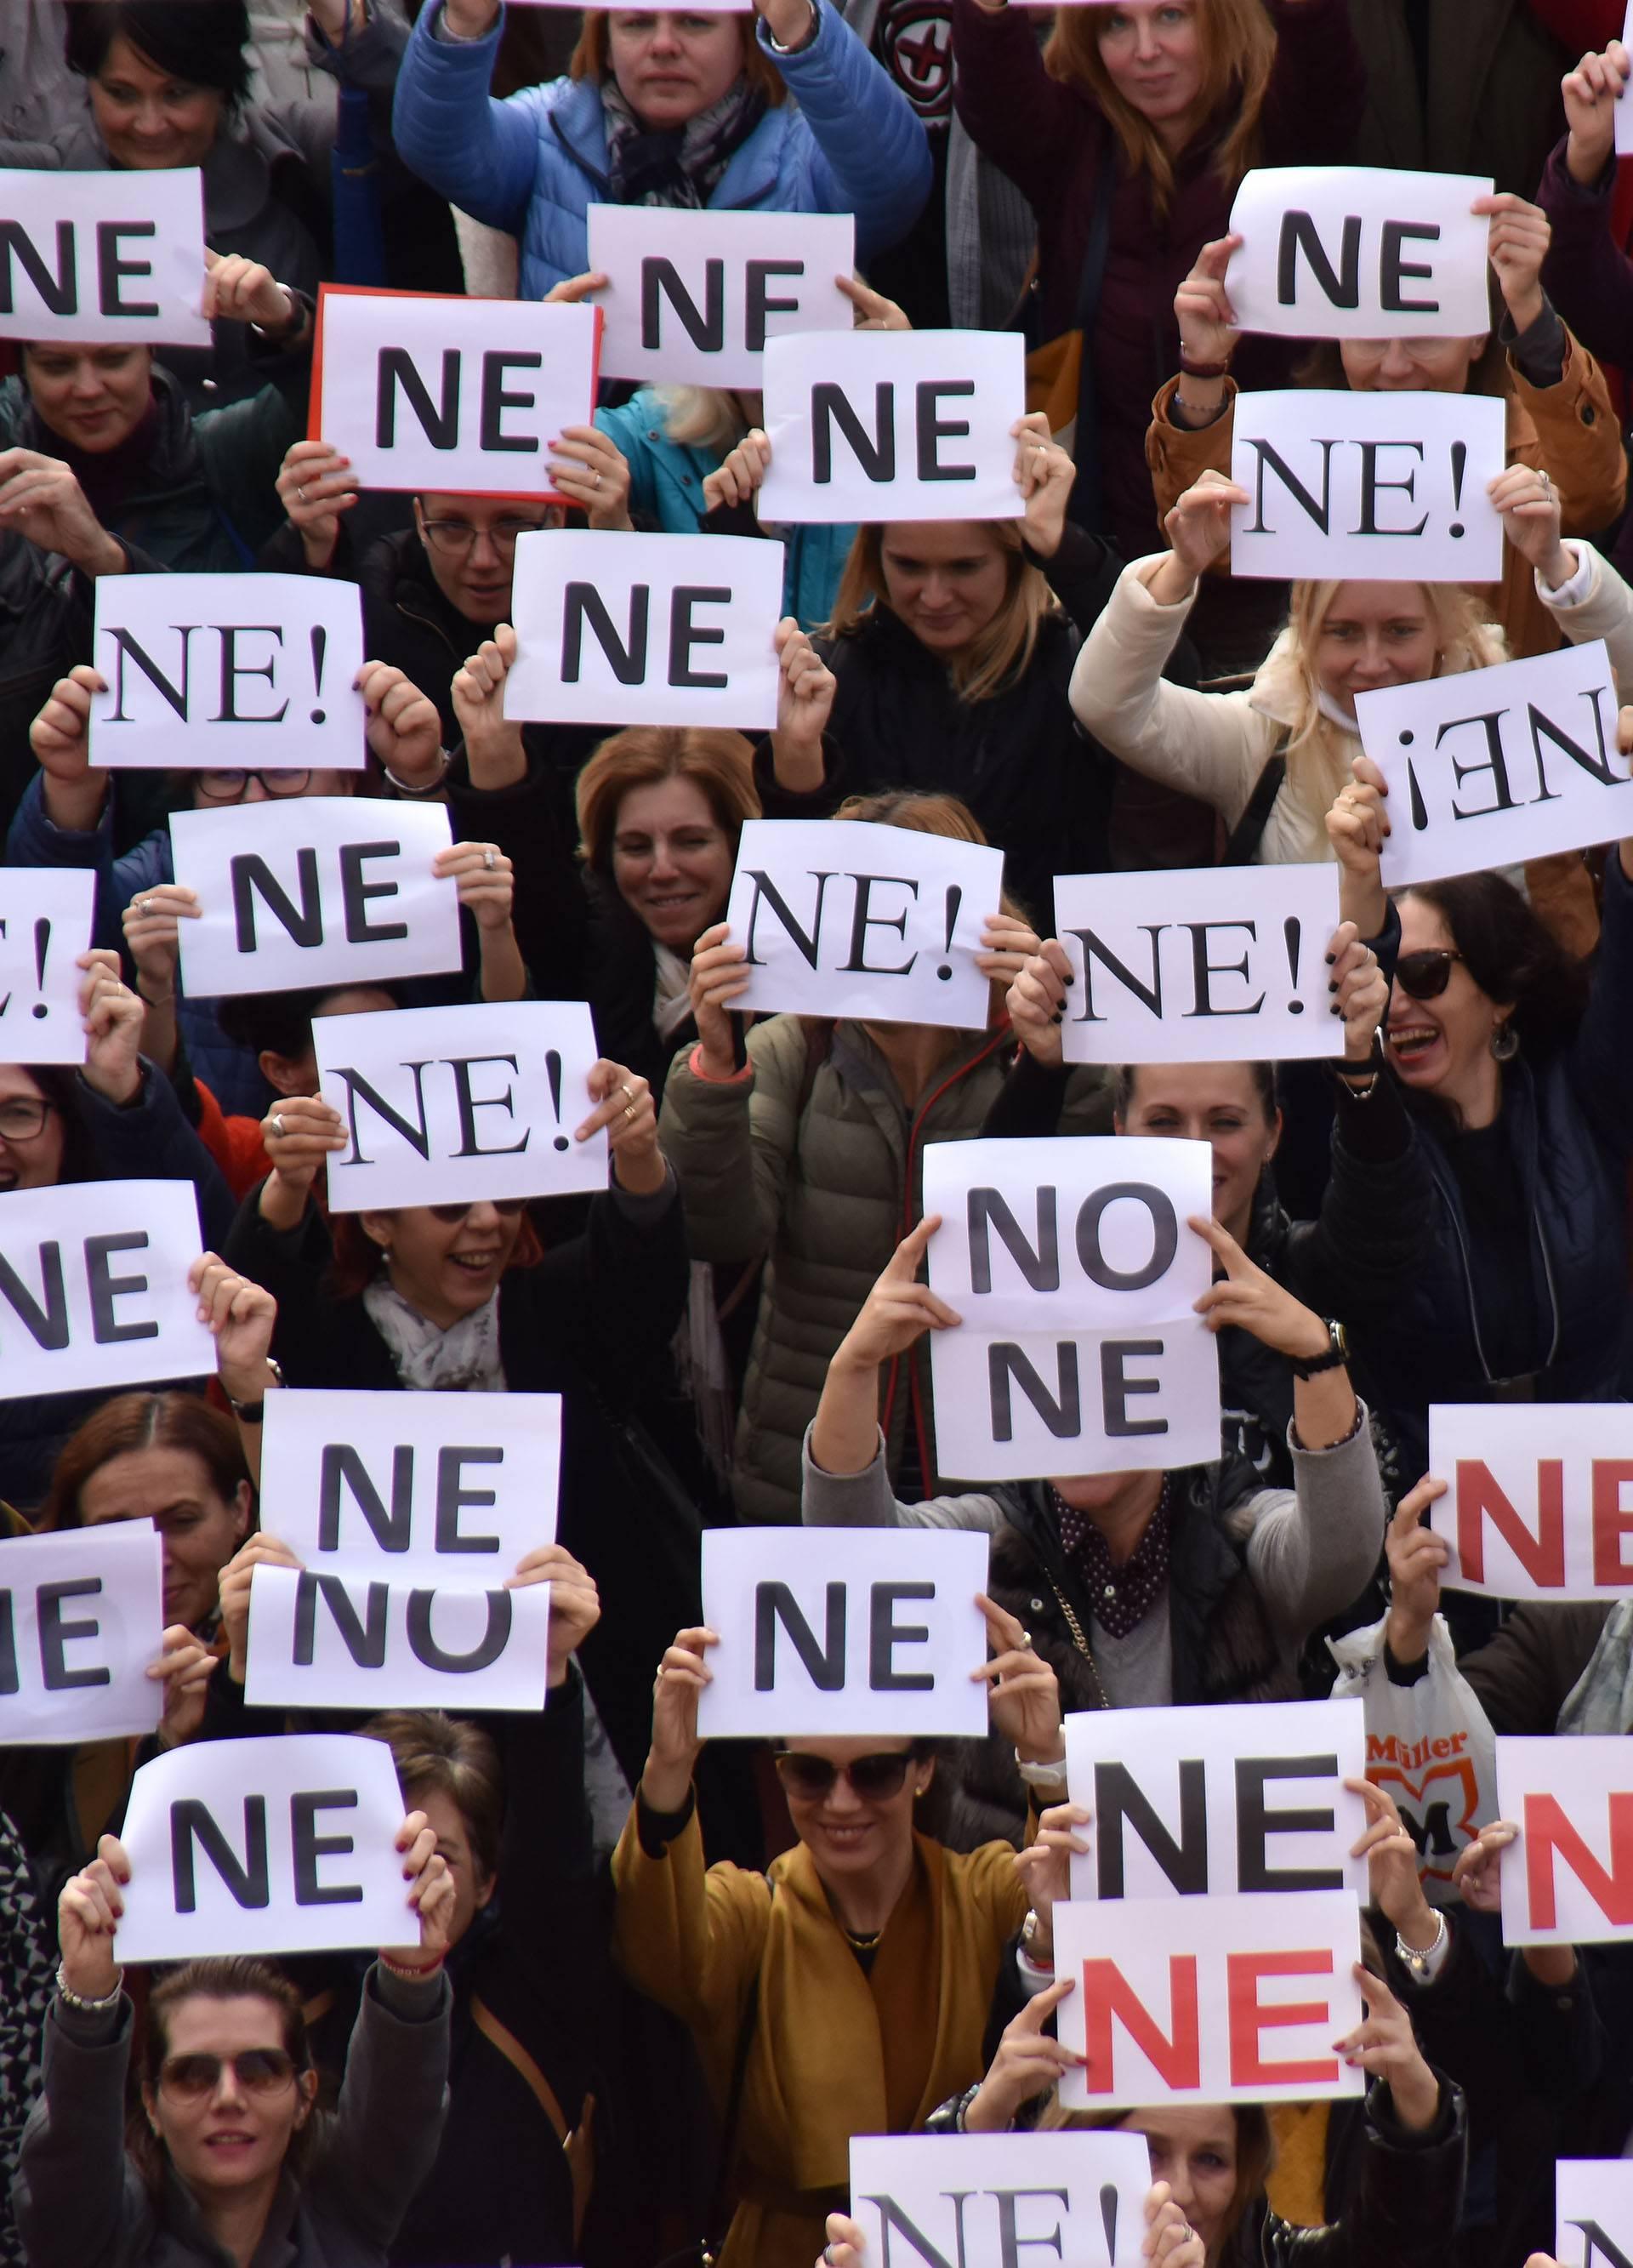 Pula: Nastavnici štrajkaši snimaju milenijsku fotografiju u obliku slova ne